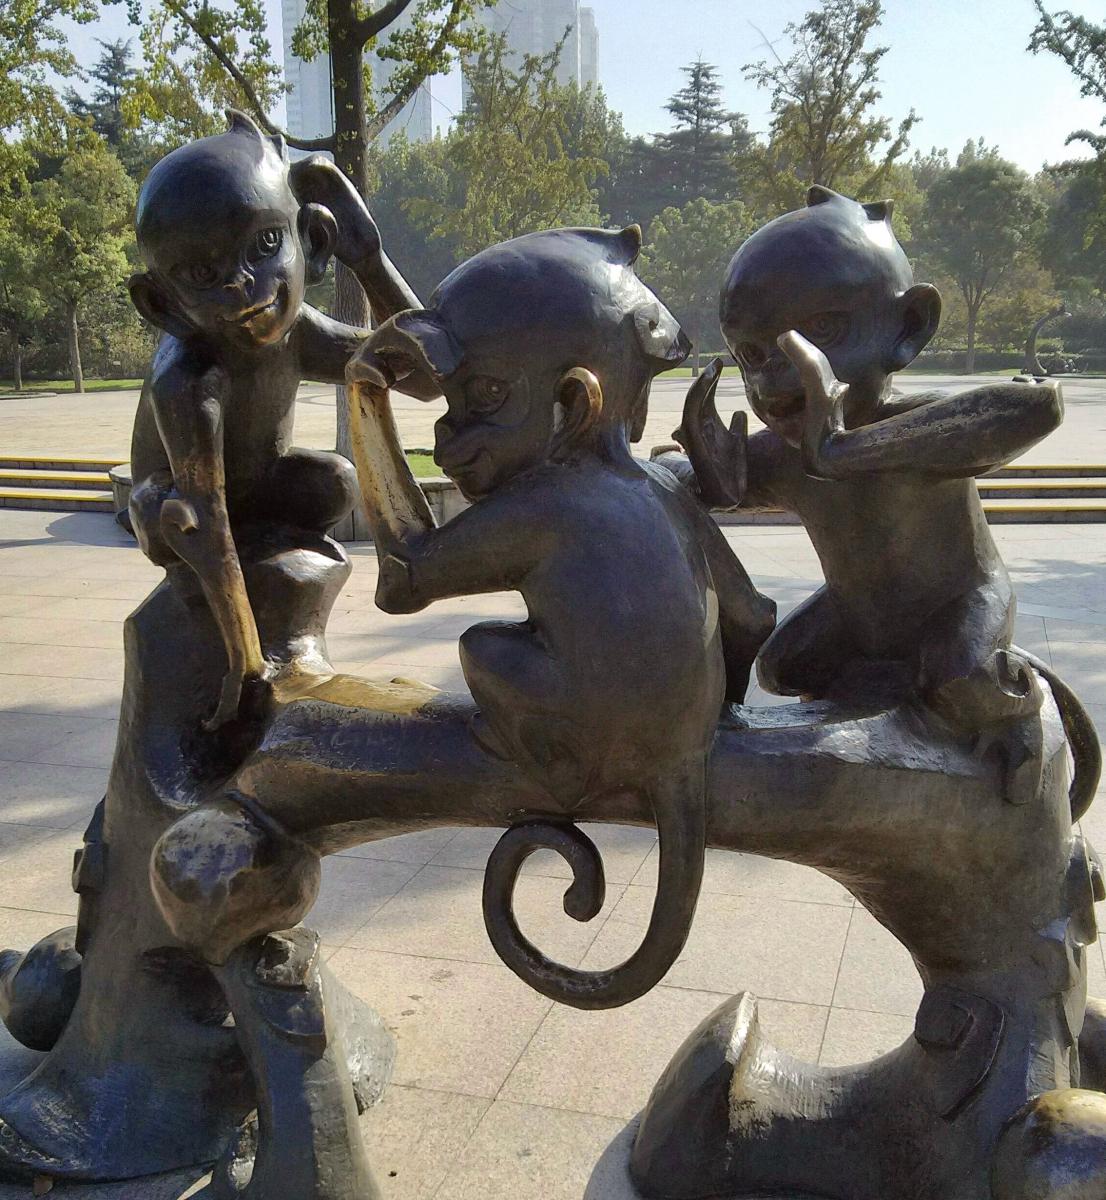 十二生肖铜雕像_图1-9